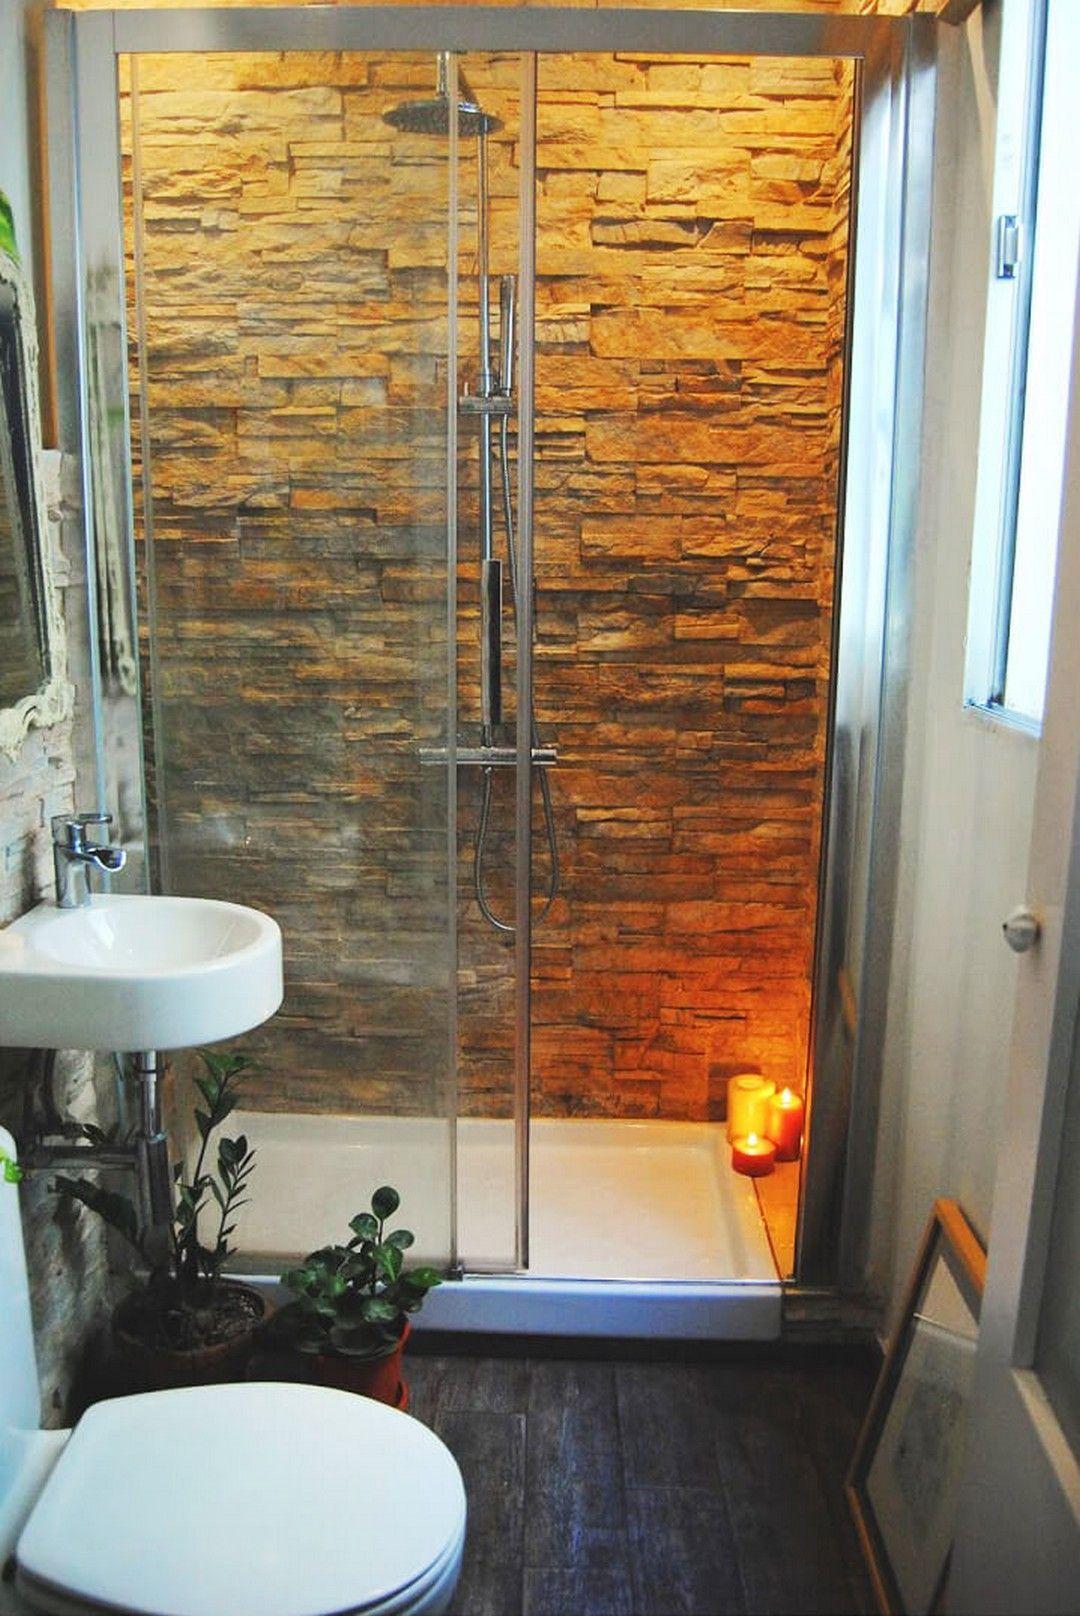 32 inspiring small bathroom design ideas that create a